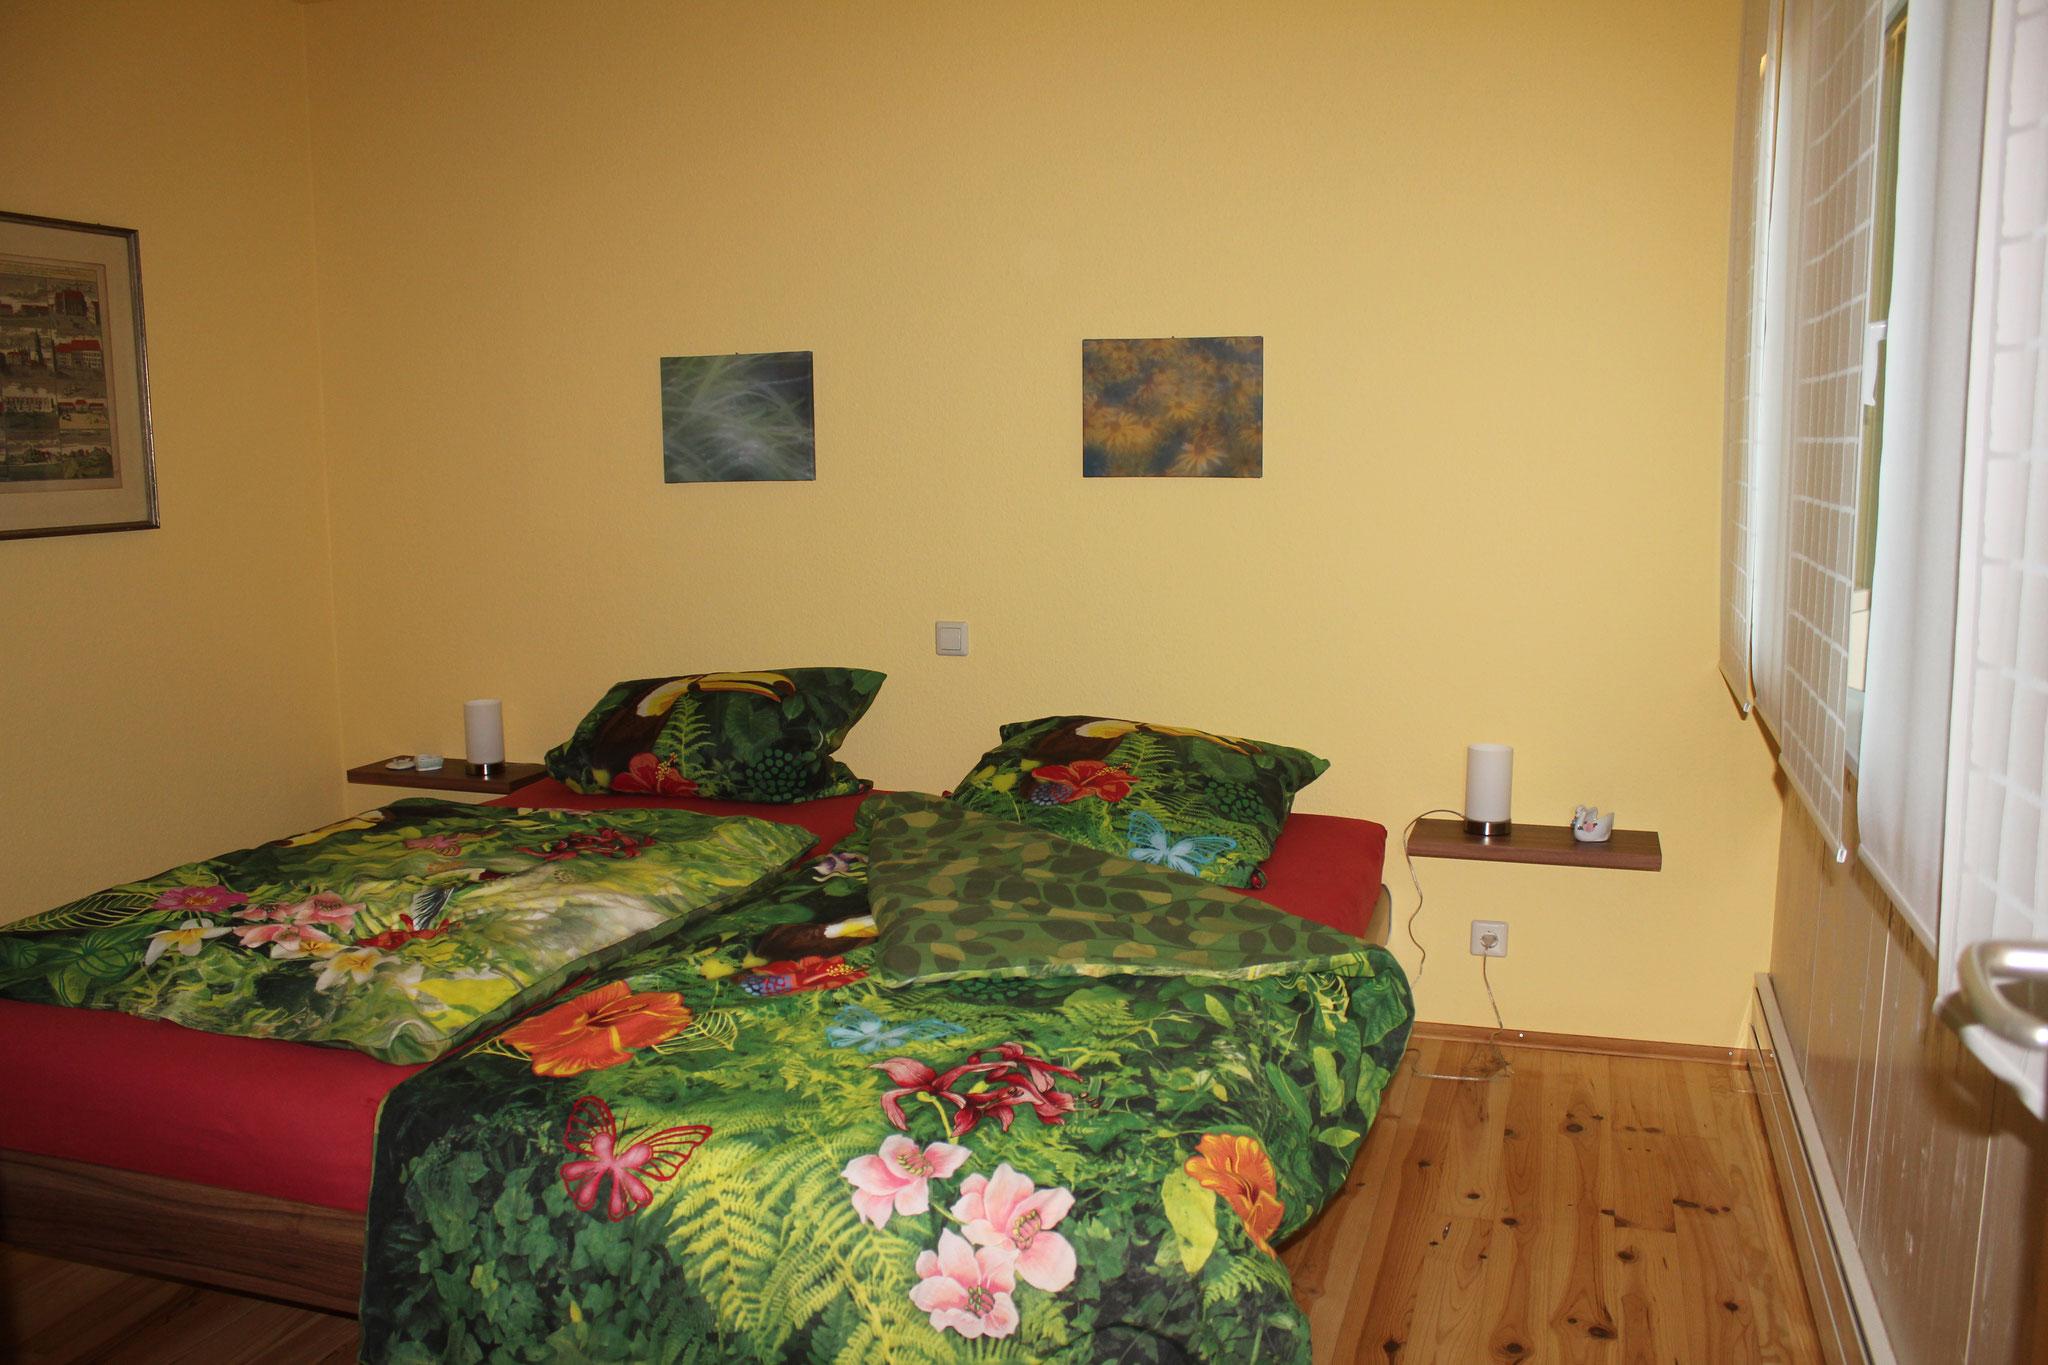 Doppelbett (Kingsize)/ Double bed